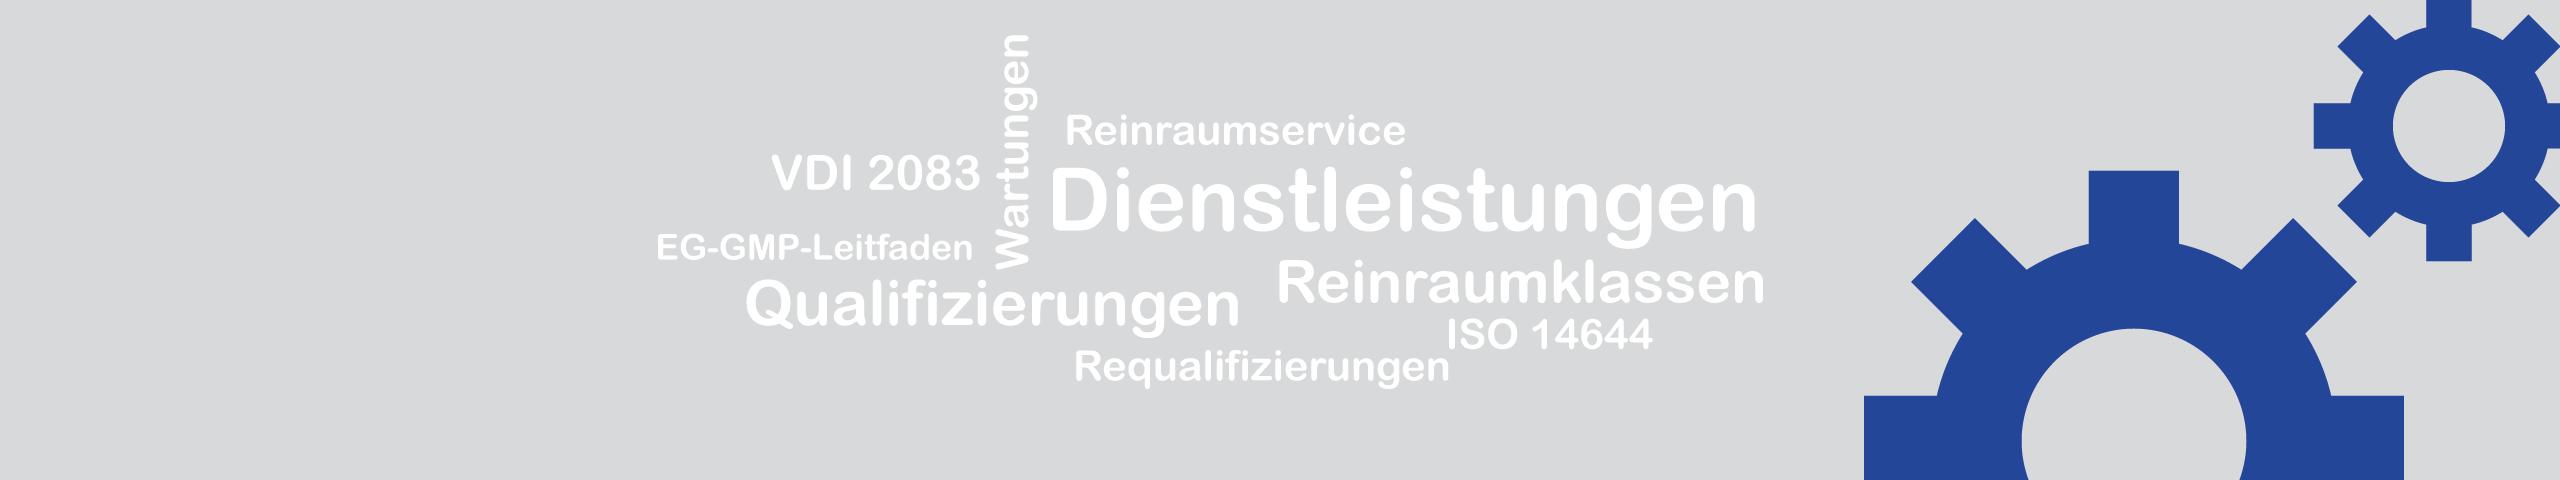 Reinraumservice und Dienstleistungen